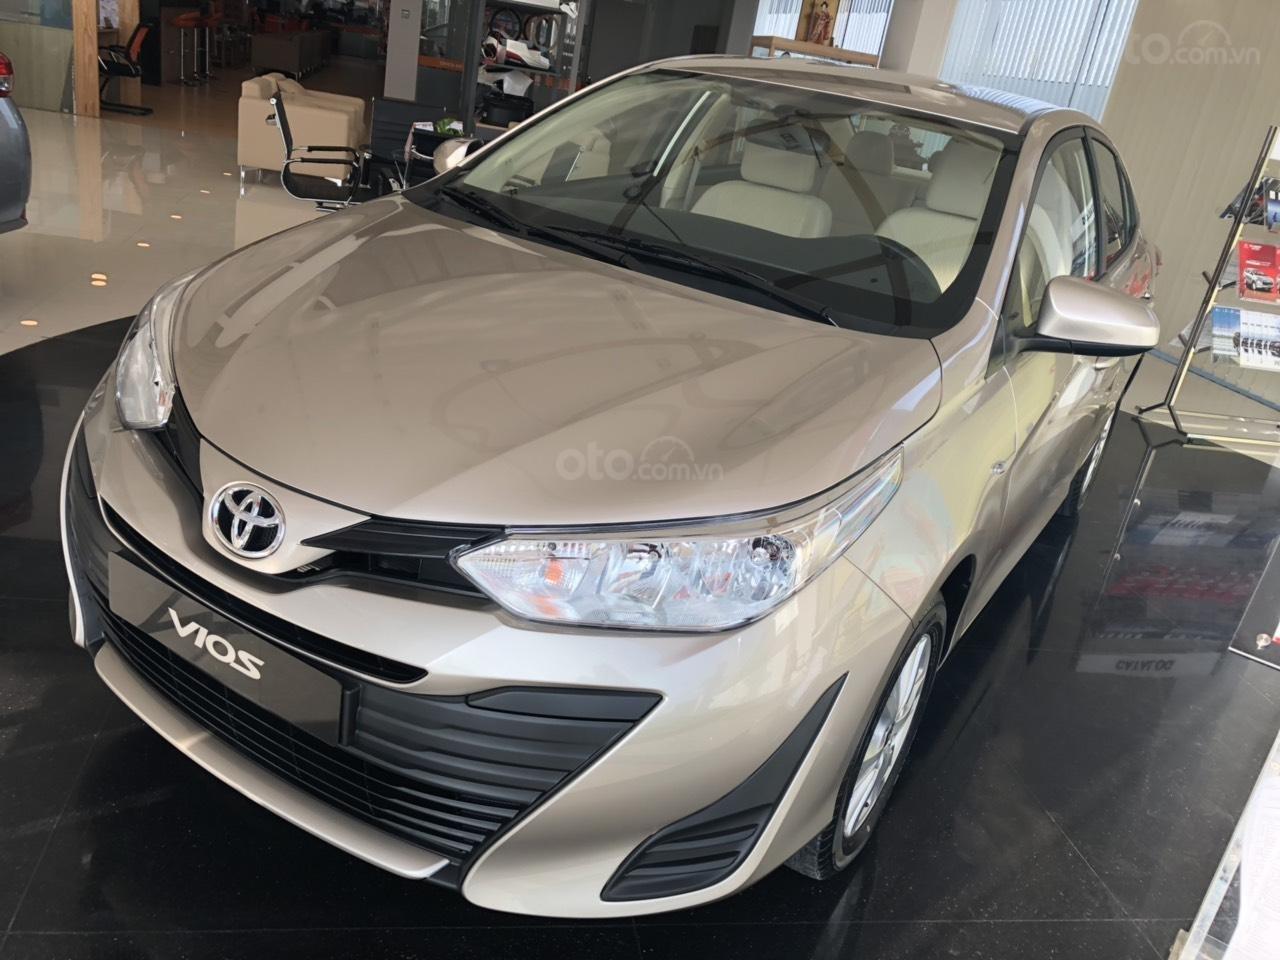 Toyota Vios 1.5E số sàn, màu nâu vàng, hỗ trợ vay 90%, đăng ký grab, thanh toán 130tr nhận xe - Toyota An Thành-0